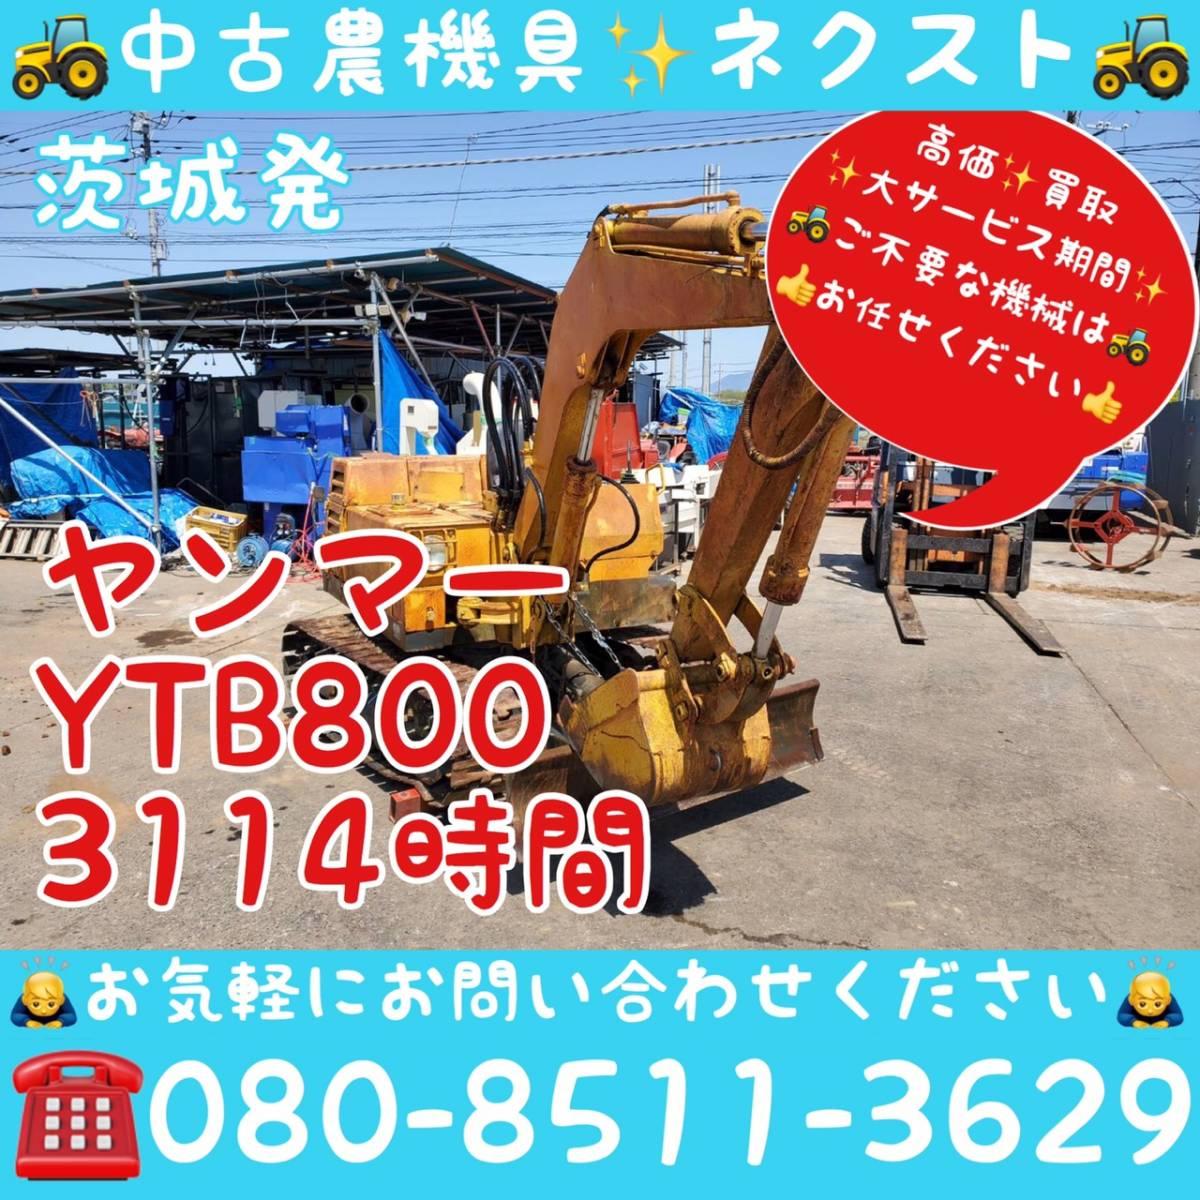 「[☆貿易業者様必見☆]ヤンマー YTB800 3114時間 現状 茨城発」の画像1